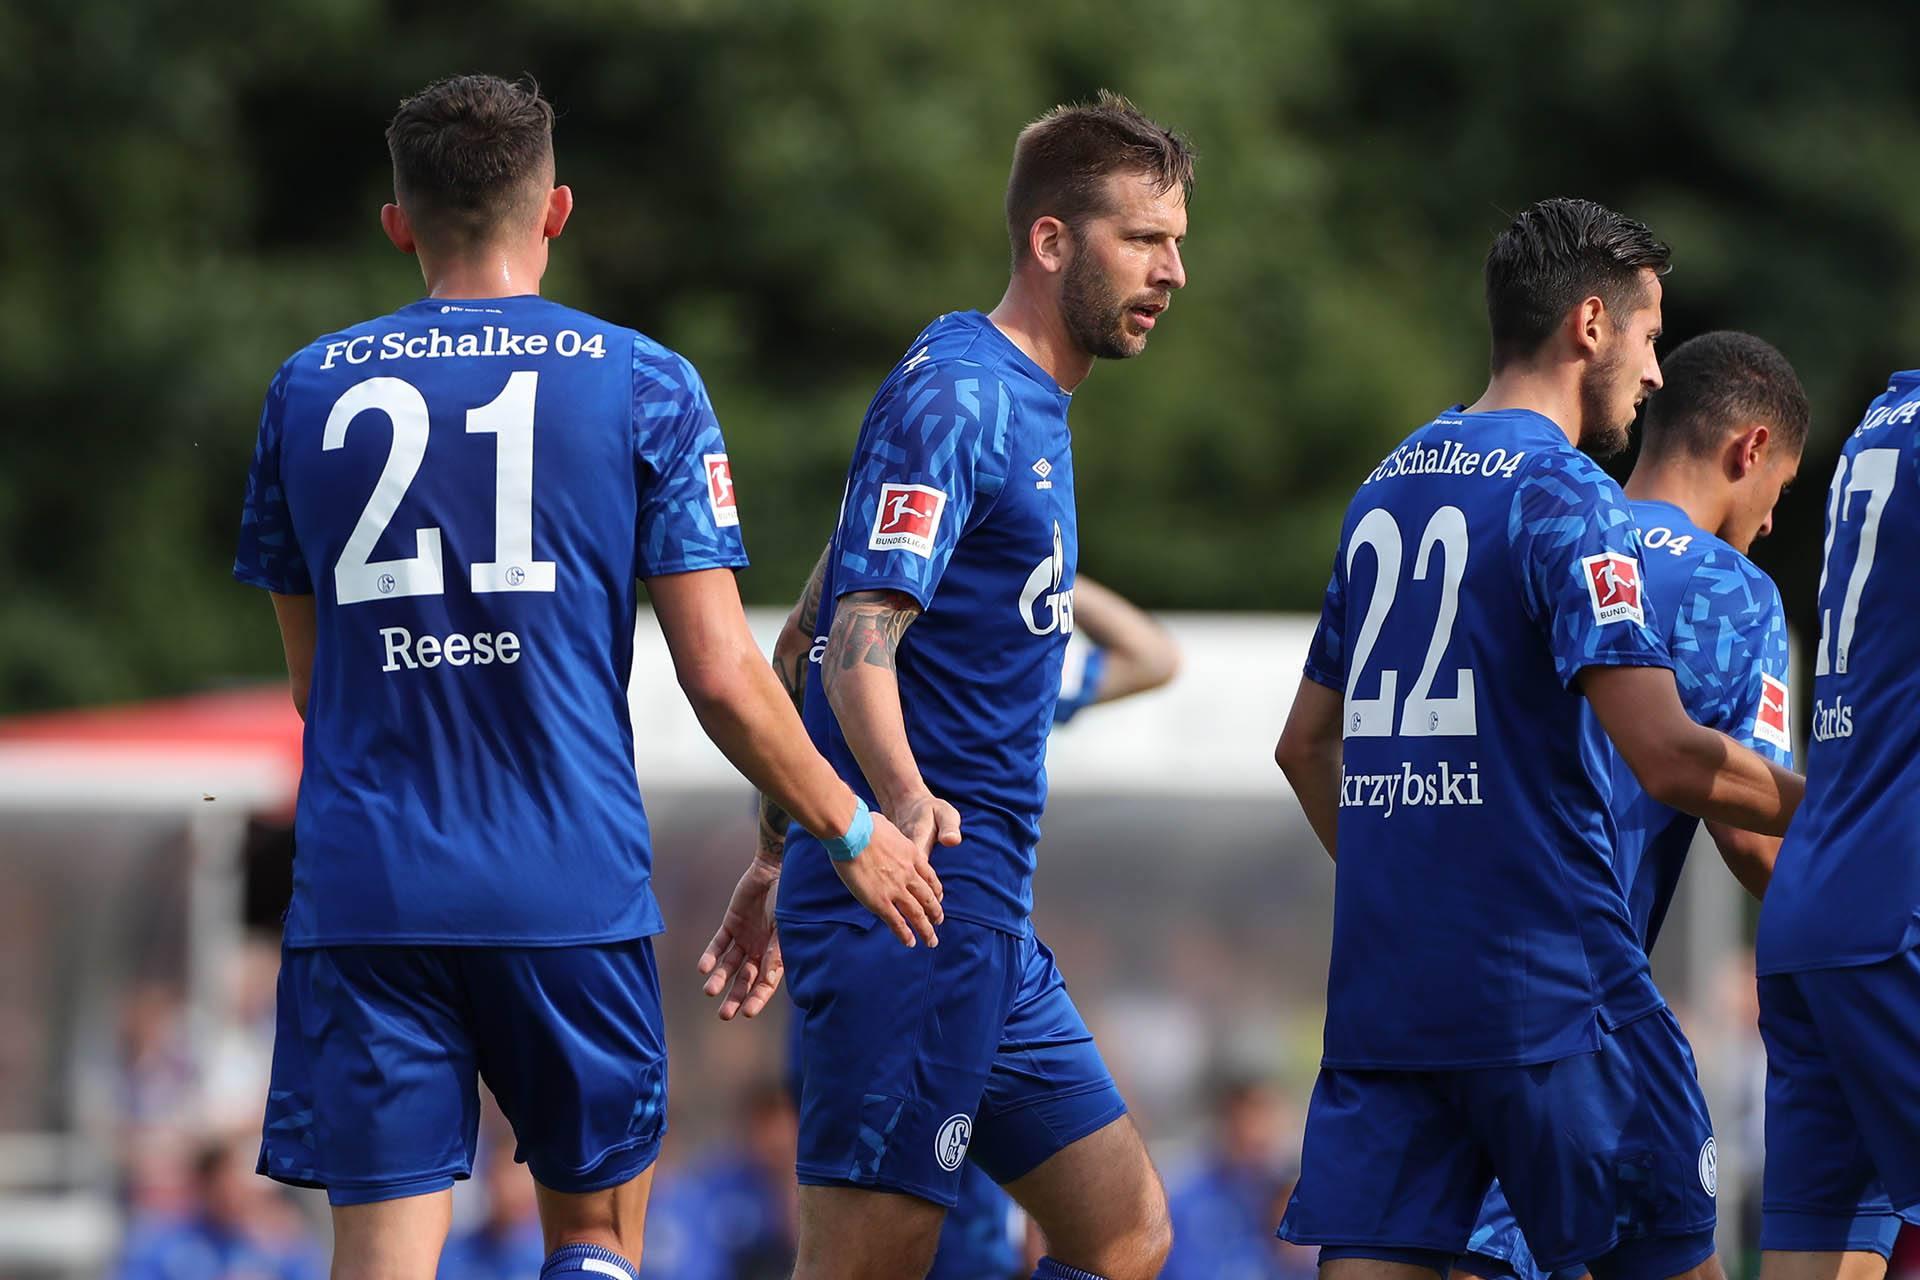 原创            德甲拜仁慕尼黑vs沙尔克04预测